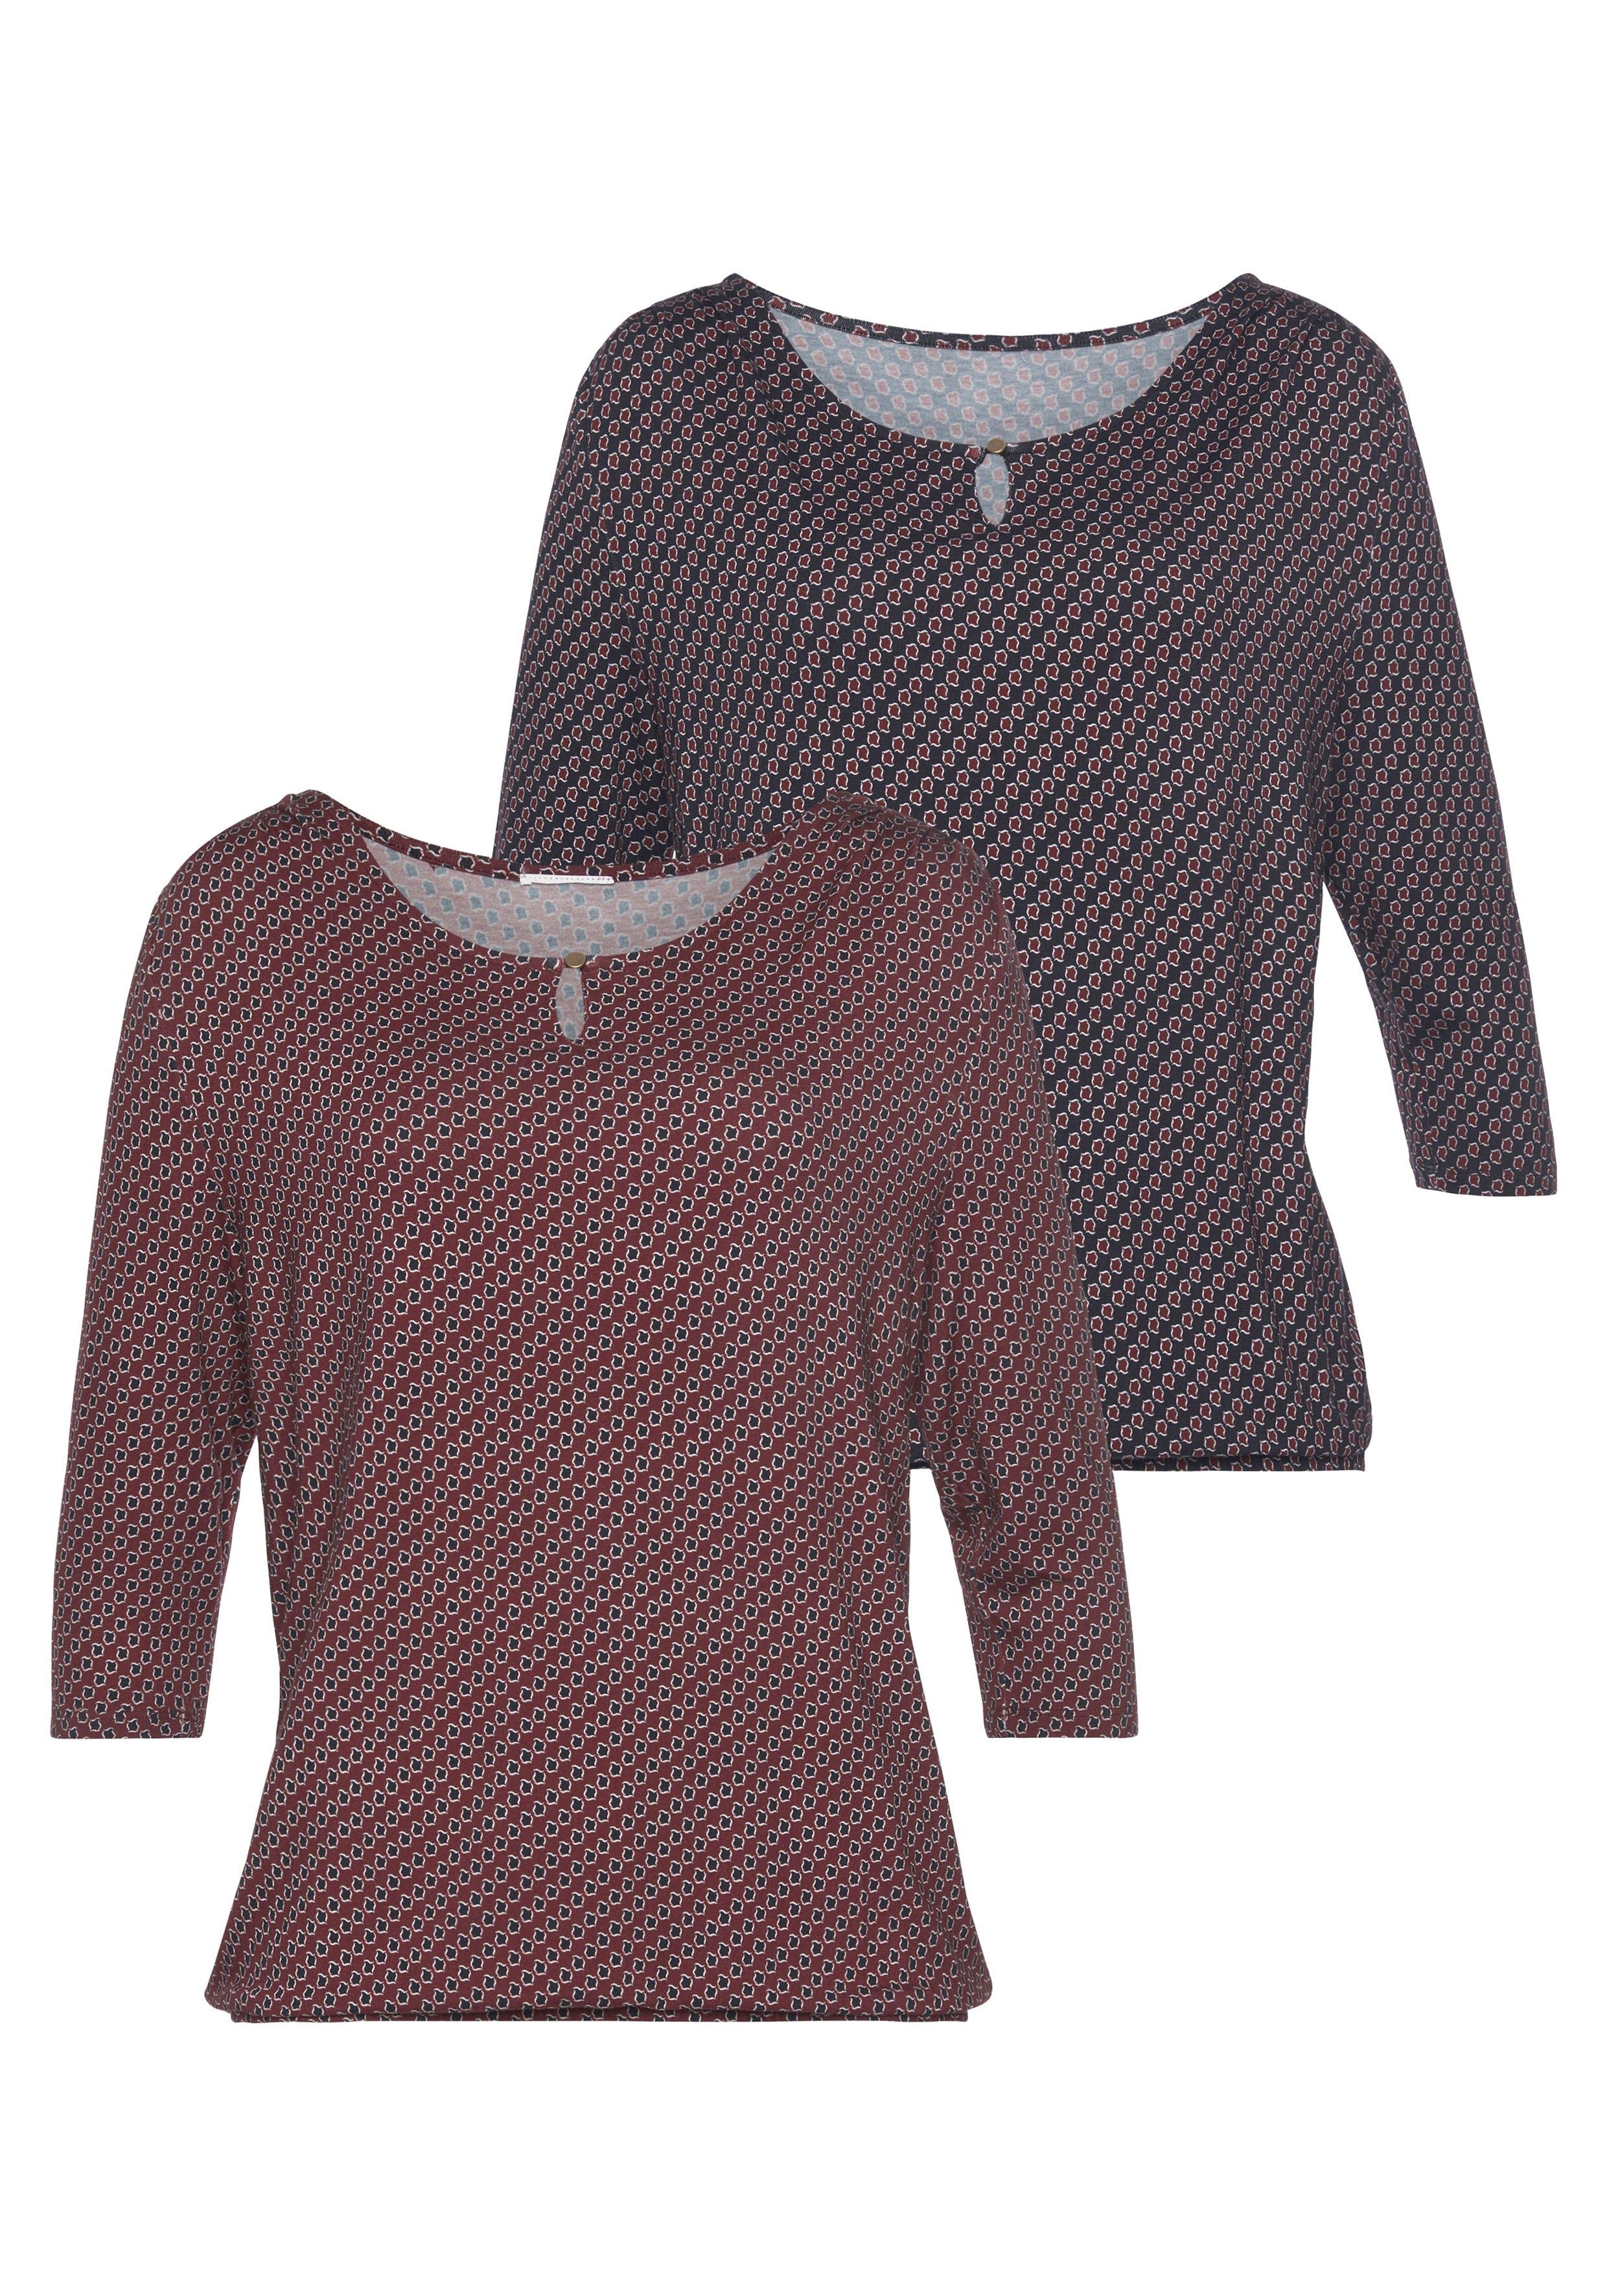 Vivance shirt met 3/4-mouwen (Set van 2) bestellen: 30 dagen bedenktijd